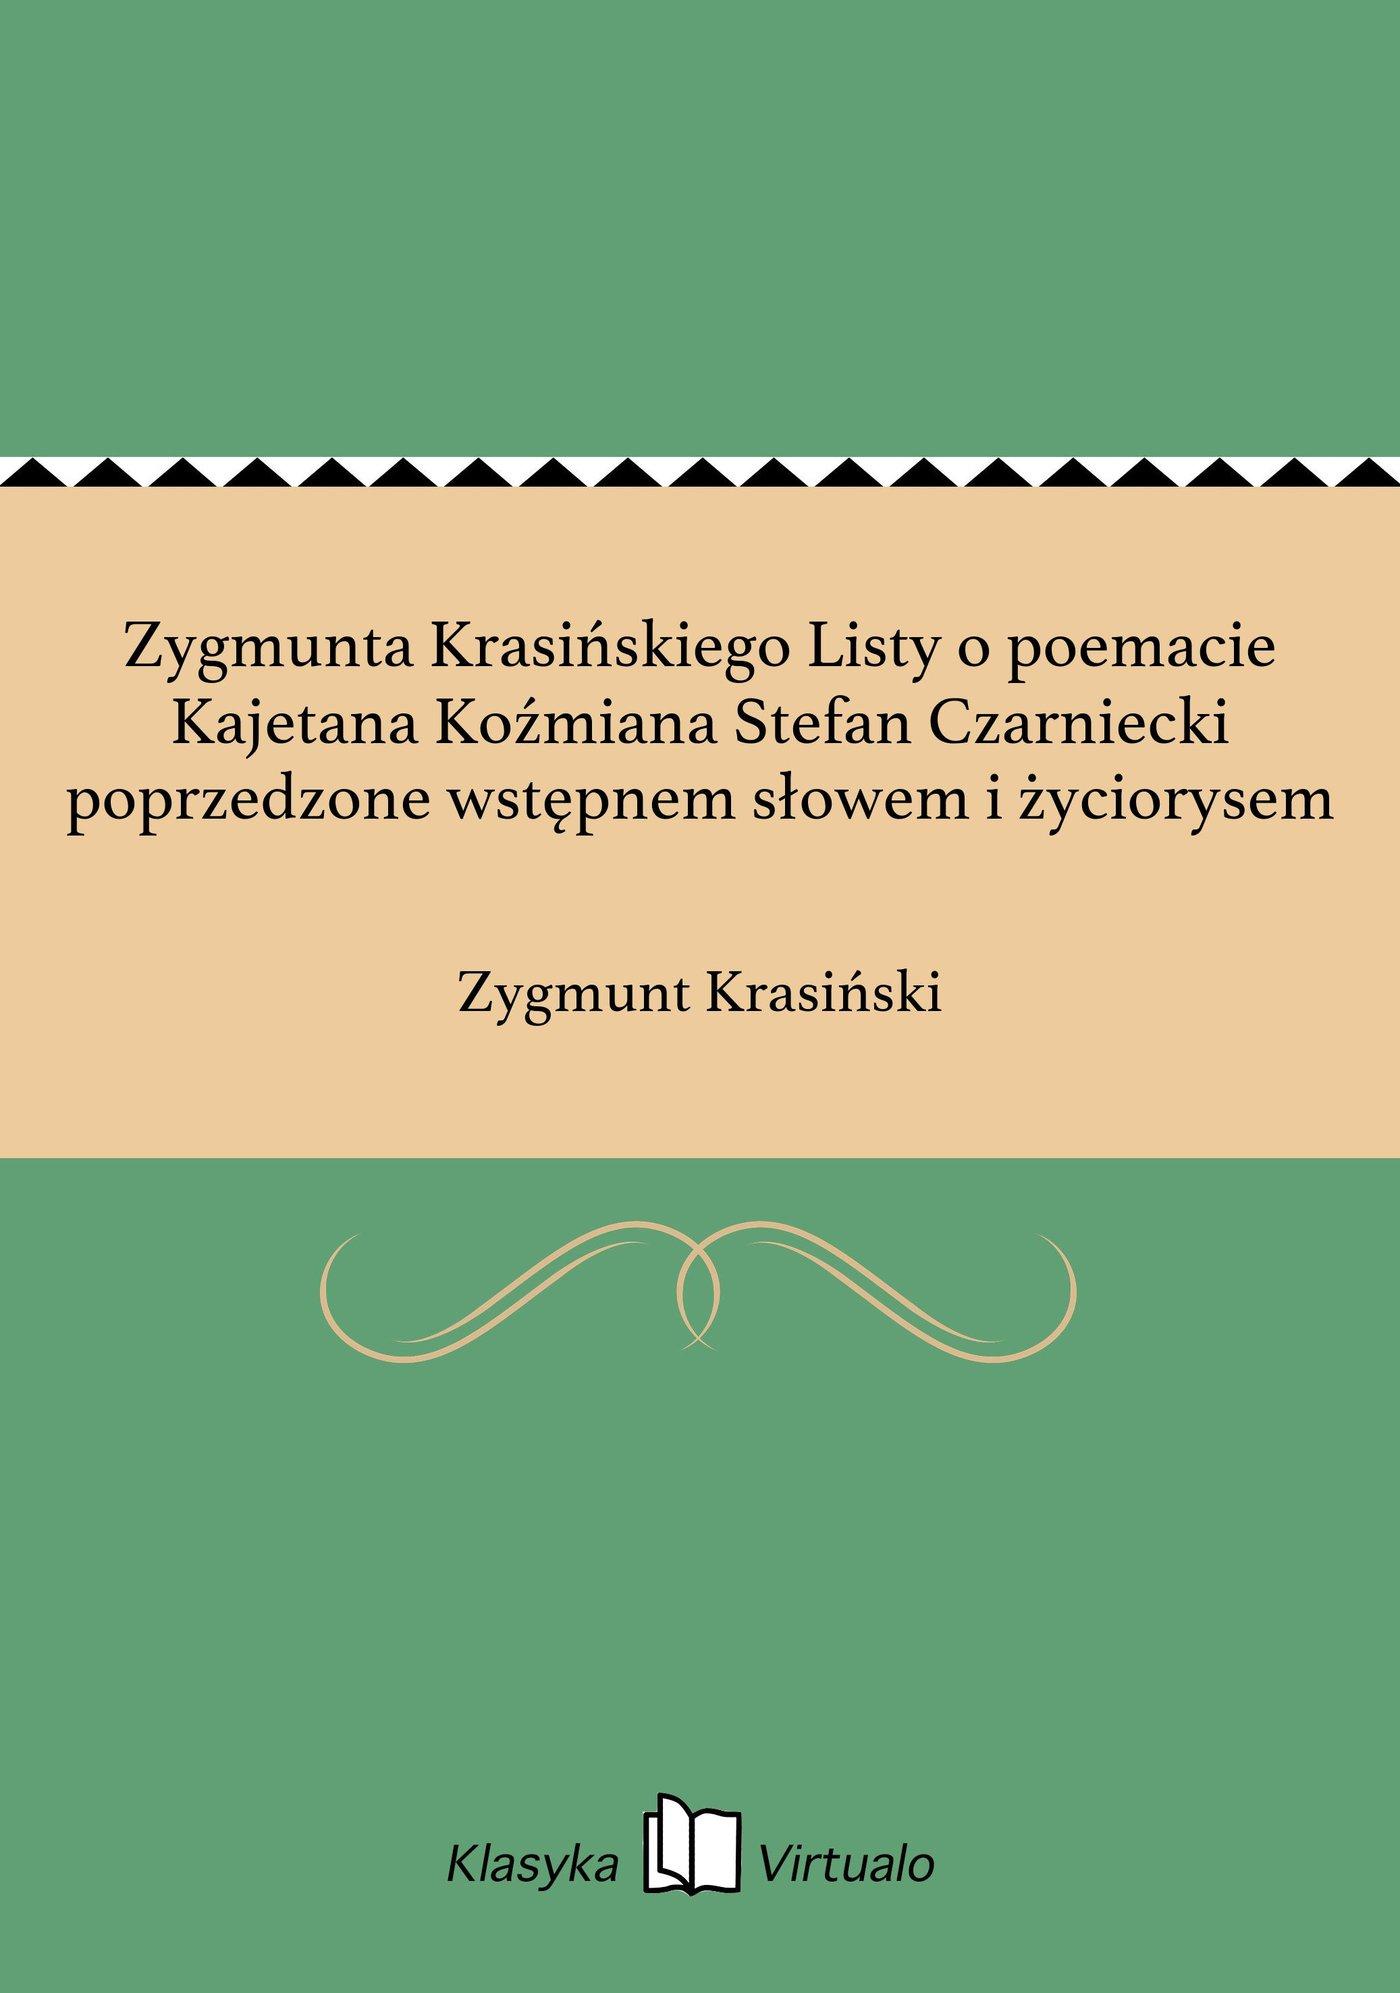 Zygmunta Krasińskiego Listy o poemacie Kajetana Koźmiana Stefan Czarniecki poprzedzone wstępnem słowem i życiorysem - Ebook (Książka EPUB) do pobrania w formacie EPUB